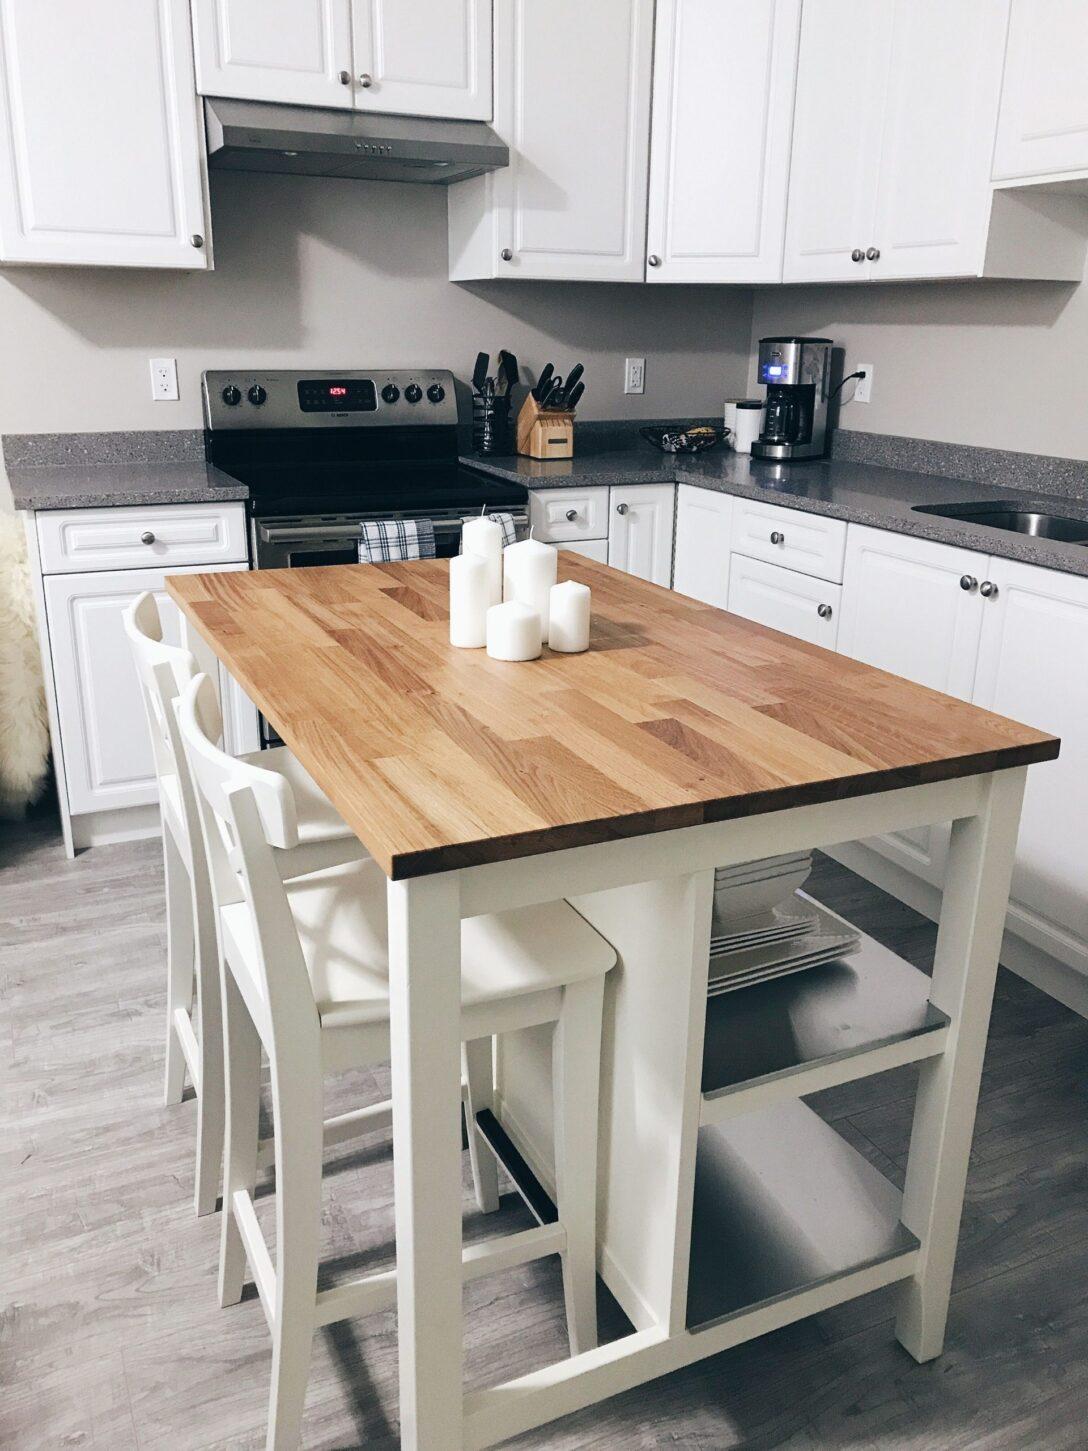 Large Size of Kücheninseln Ikea Sofa Mit Schlaffunktion Betten Bei Modulkche Kche Kaufen Miniküche Modulküche Küche Kosten 160x200 Wohnzimmer Kücheninseln Ikea